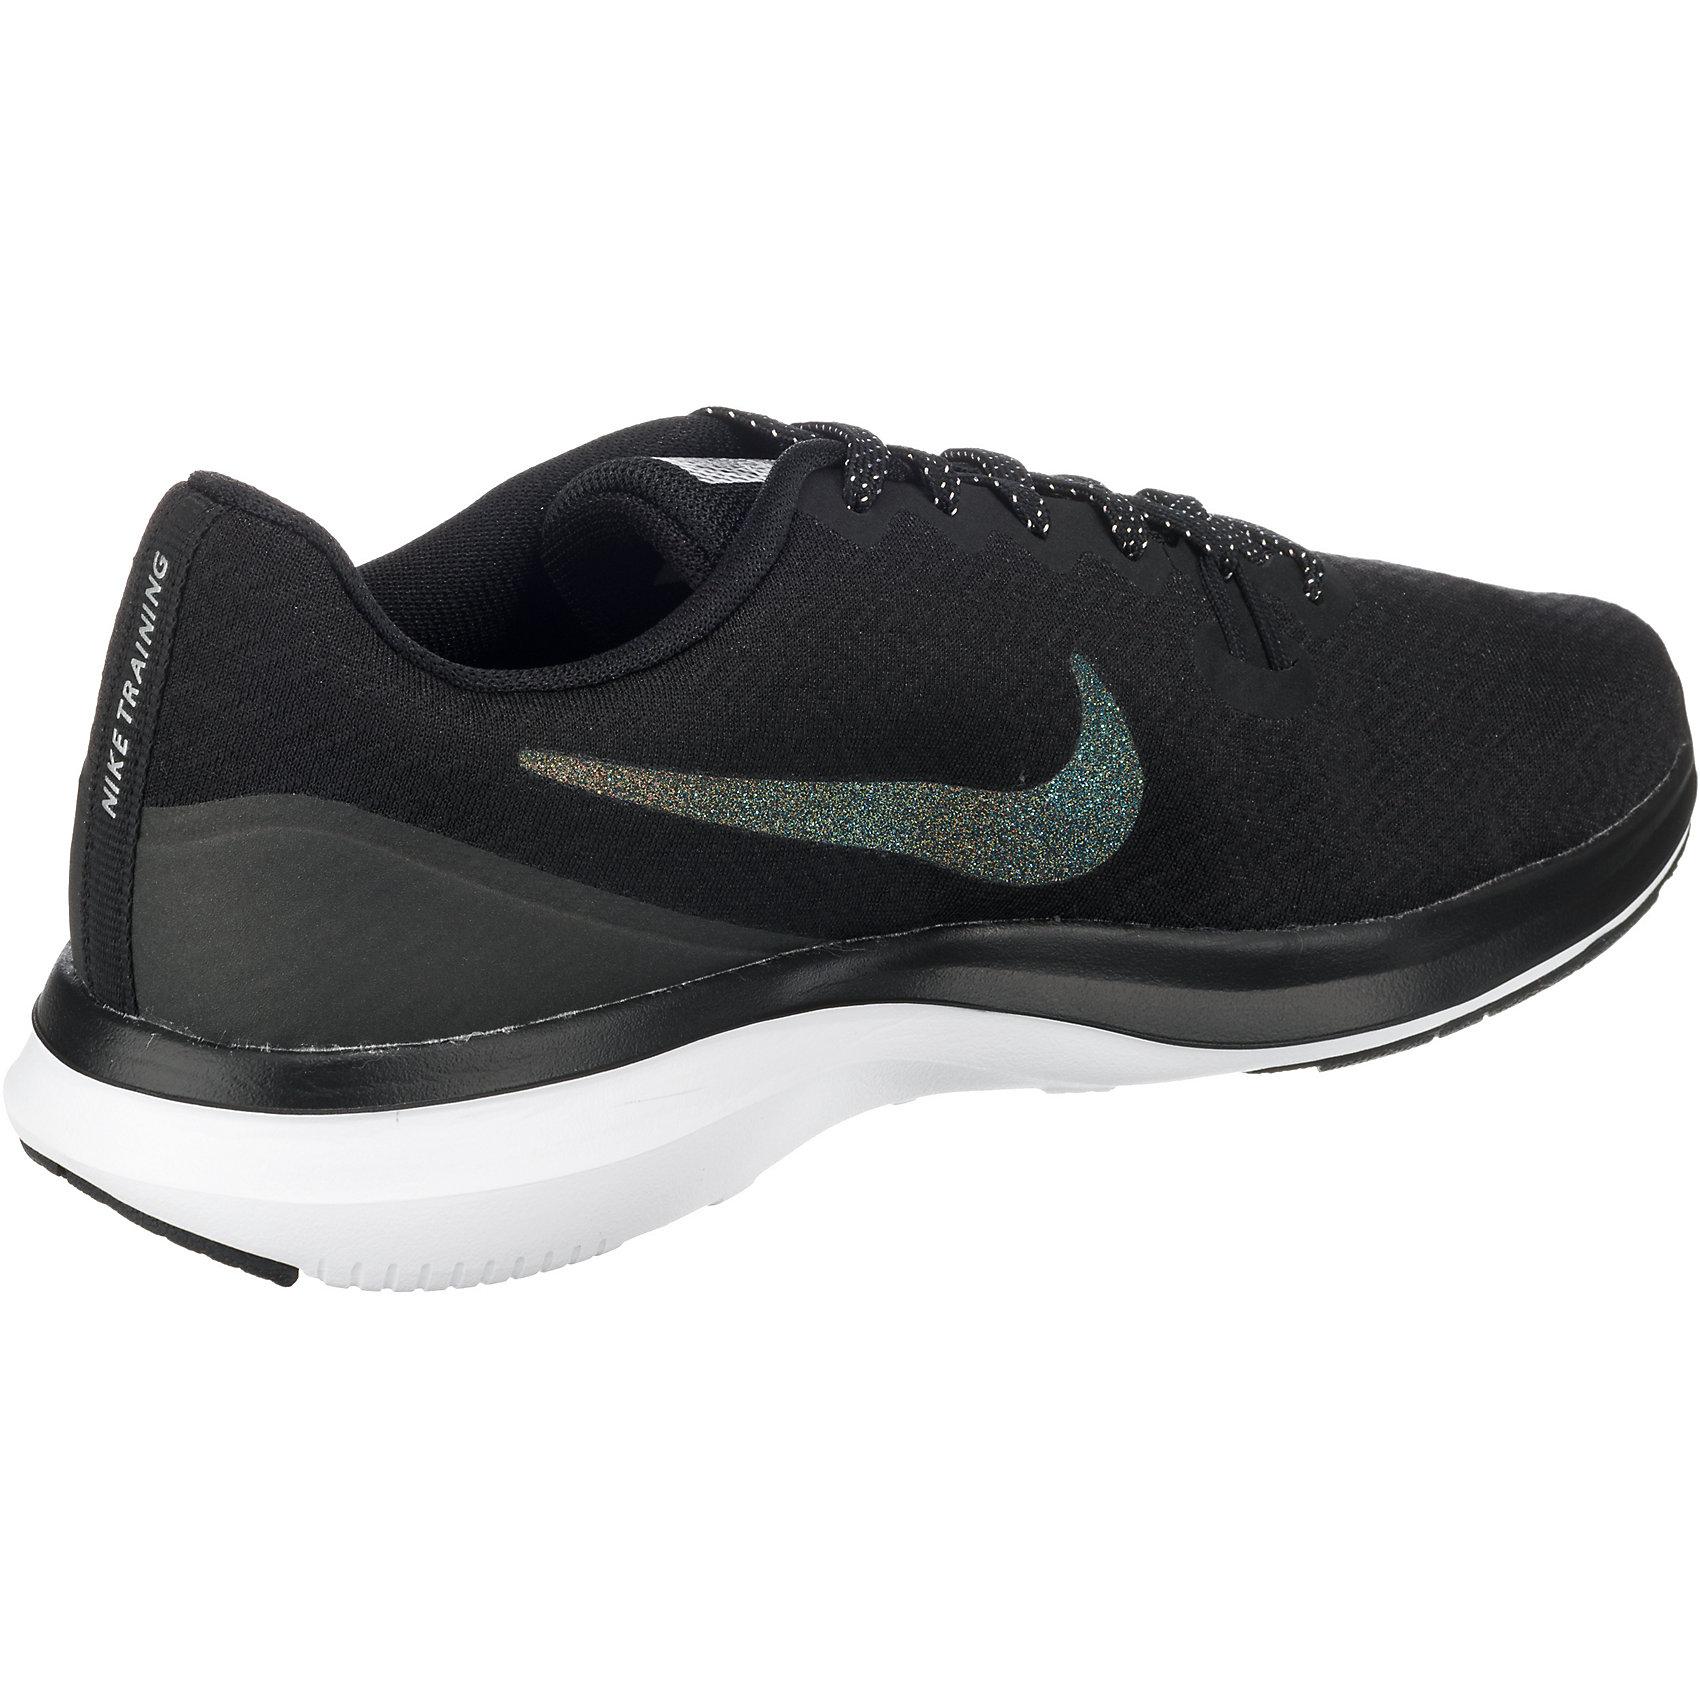 b977eeb9dfc ... Nike LeBron 13 XIII Black Lion Lion Lion Gum 807219-001- Size 11.5 ...